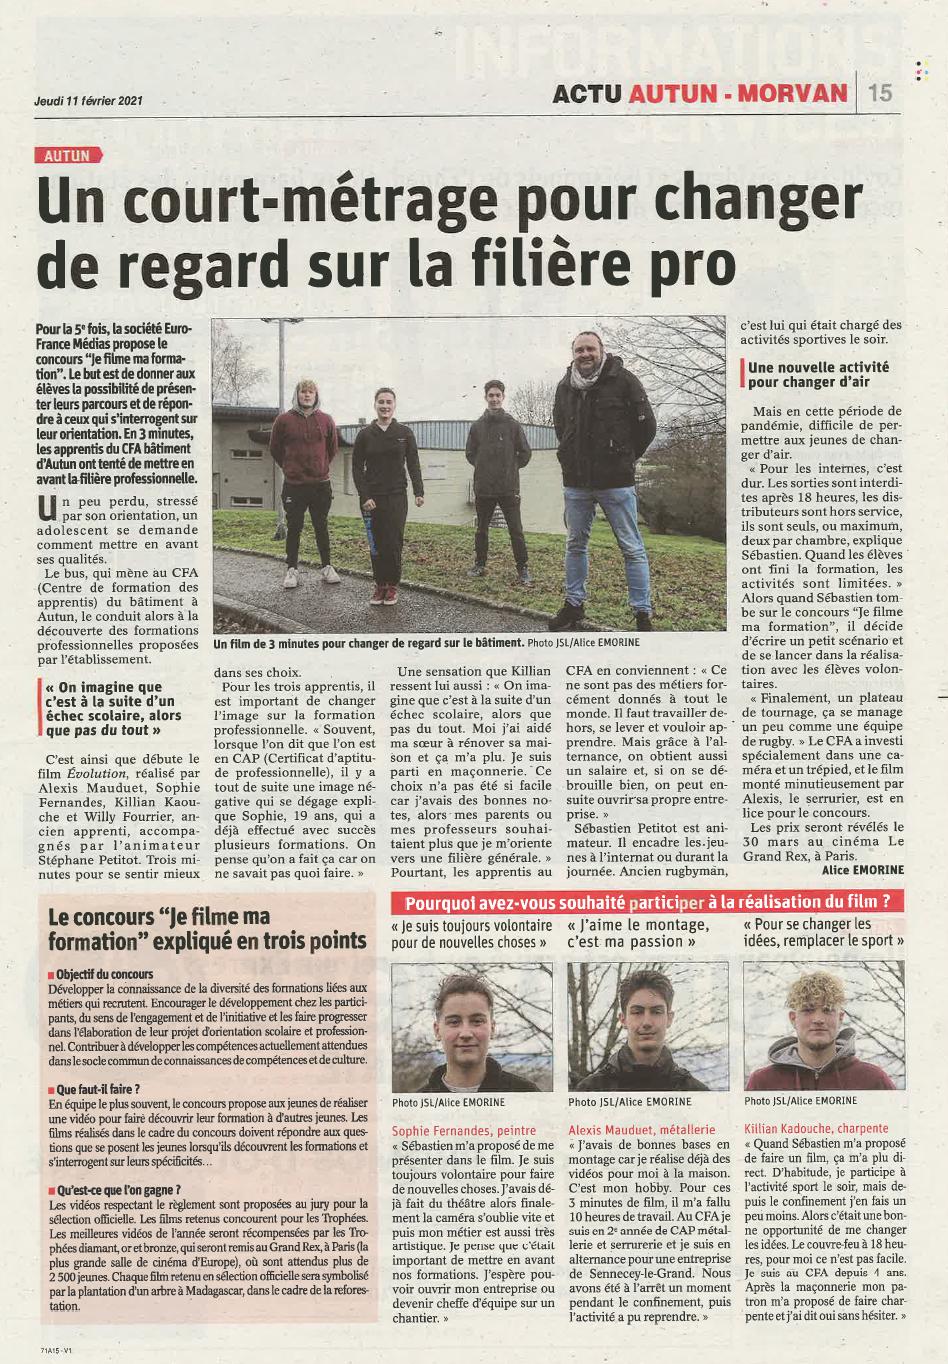 Le Journal de Saône-et-Loire - 01/02/2021